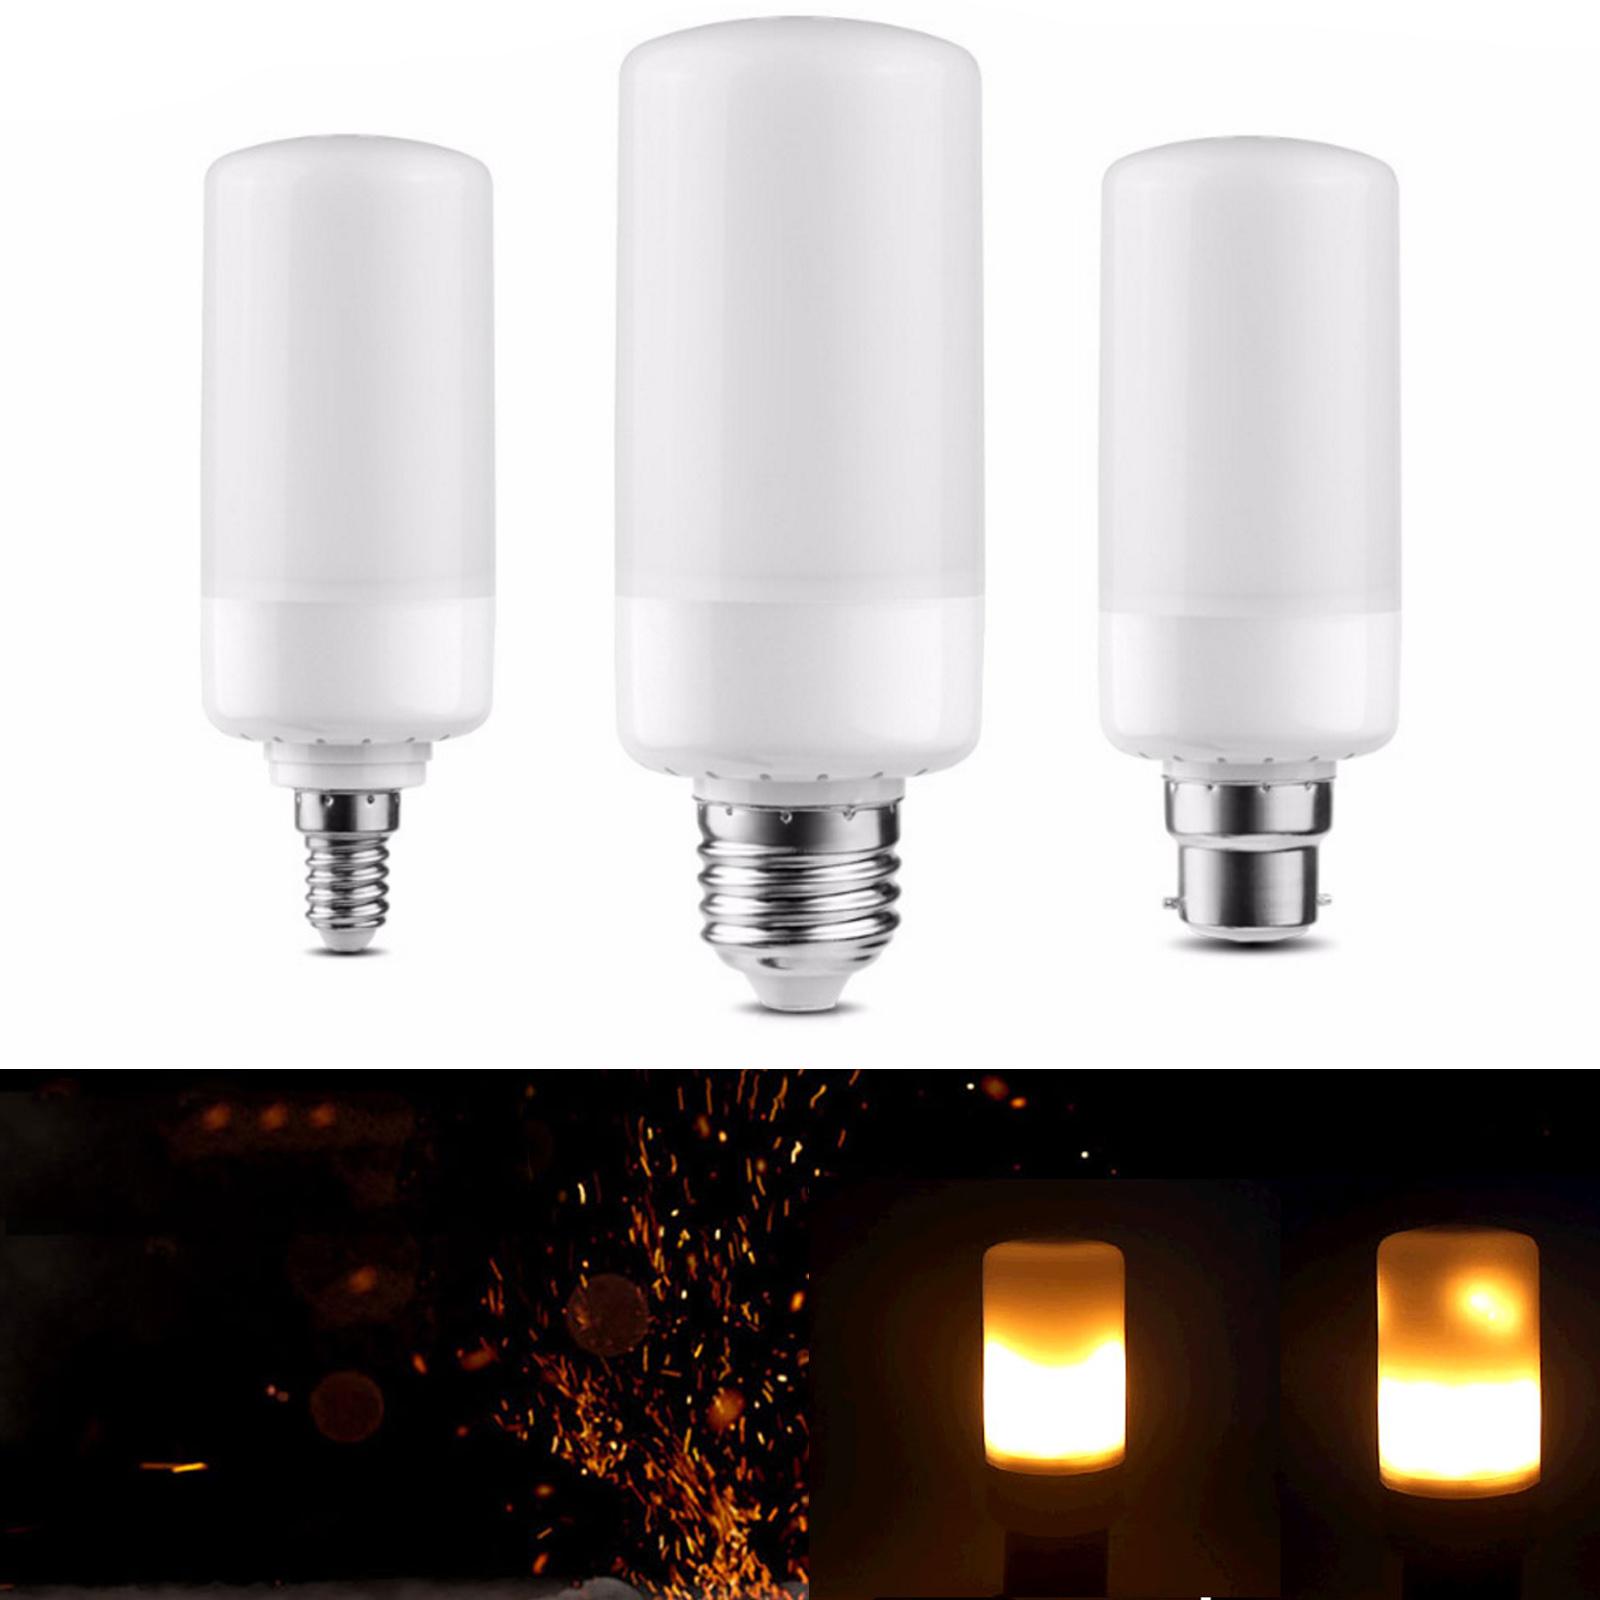 LED Flame Effect Simulated Flicker Nature Fire Bulb Light Decor E27,B22,E14 Lamp